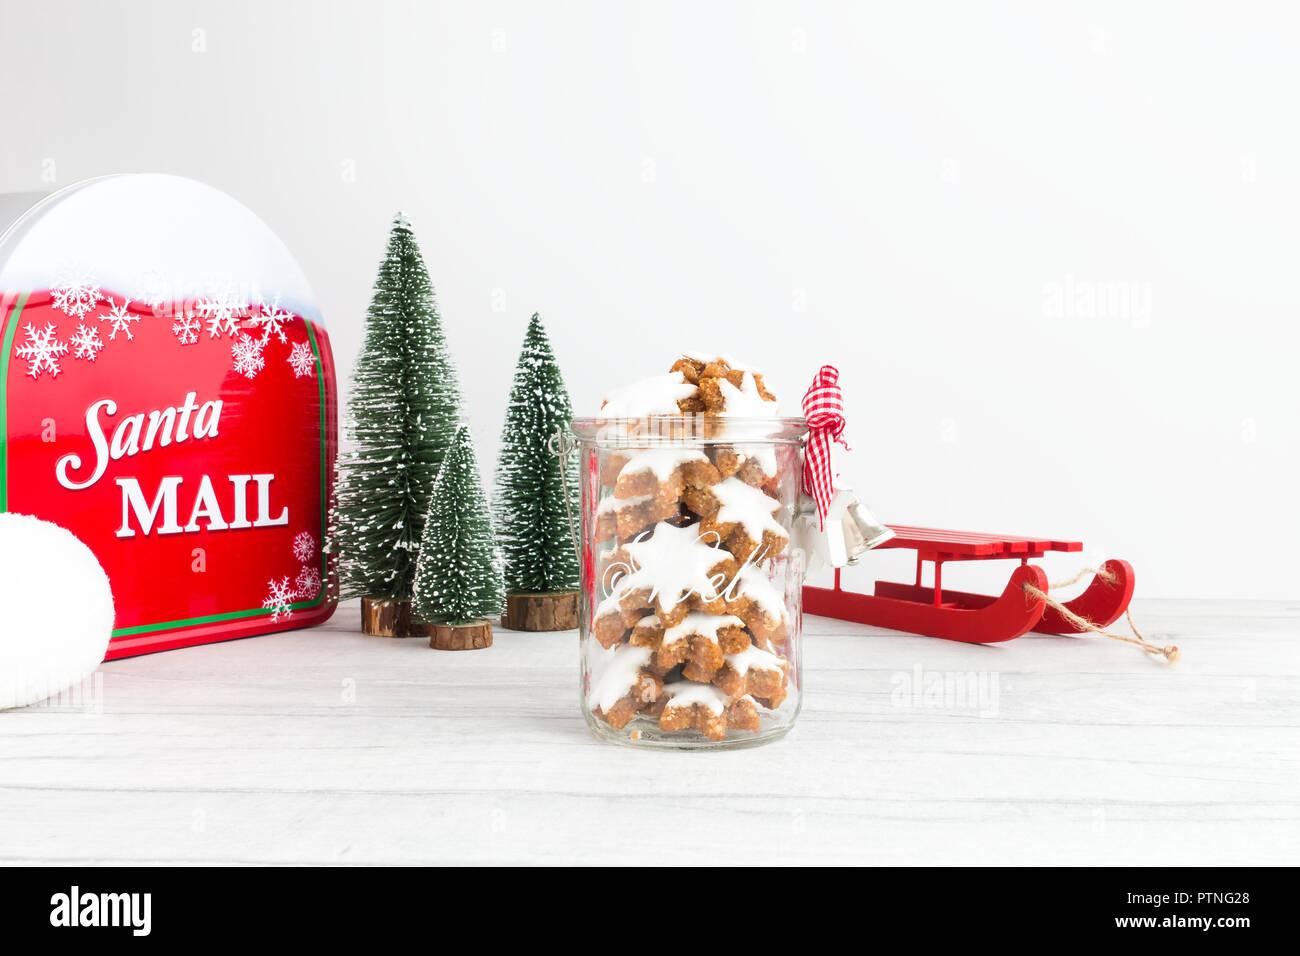 Biscotti Di Natale Zimtsterne.Biscotti Di Natale Tedesco Zimtsterne Cannella Stelle In Un Vaso Di Vetro Con Decorazione Di Natale Una Mazza Abeti Una Santa Cassetta Postale E Una Palla Di Neve Foto Stock Alamy